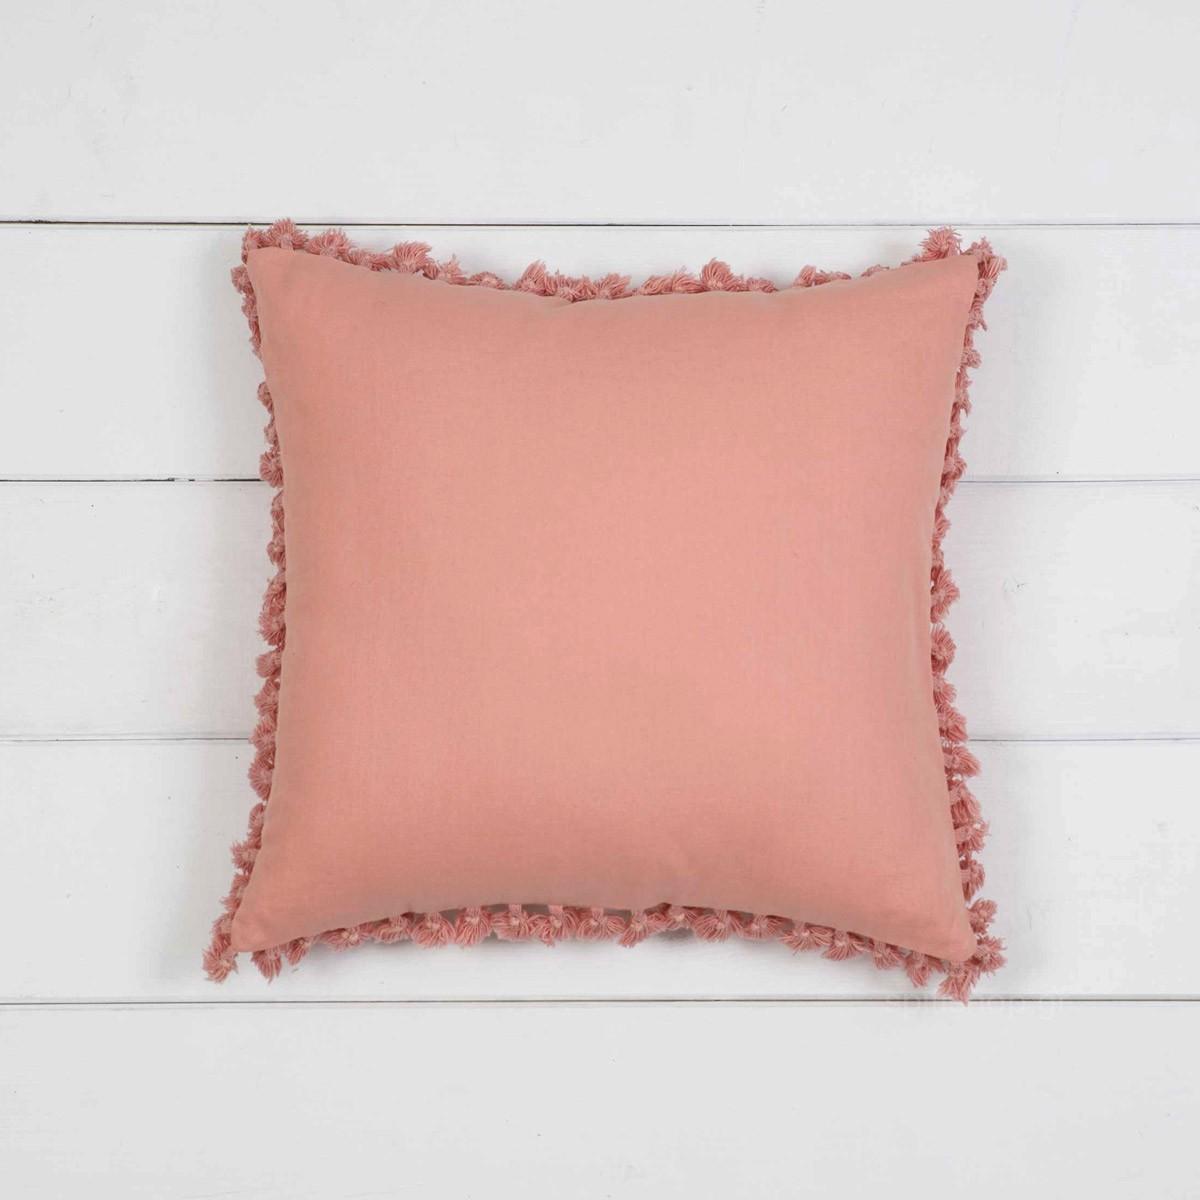 Διακοσμητική Μαξιλαροθήκη Nima Cushions Hommy Coral 89428